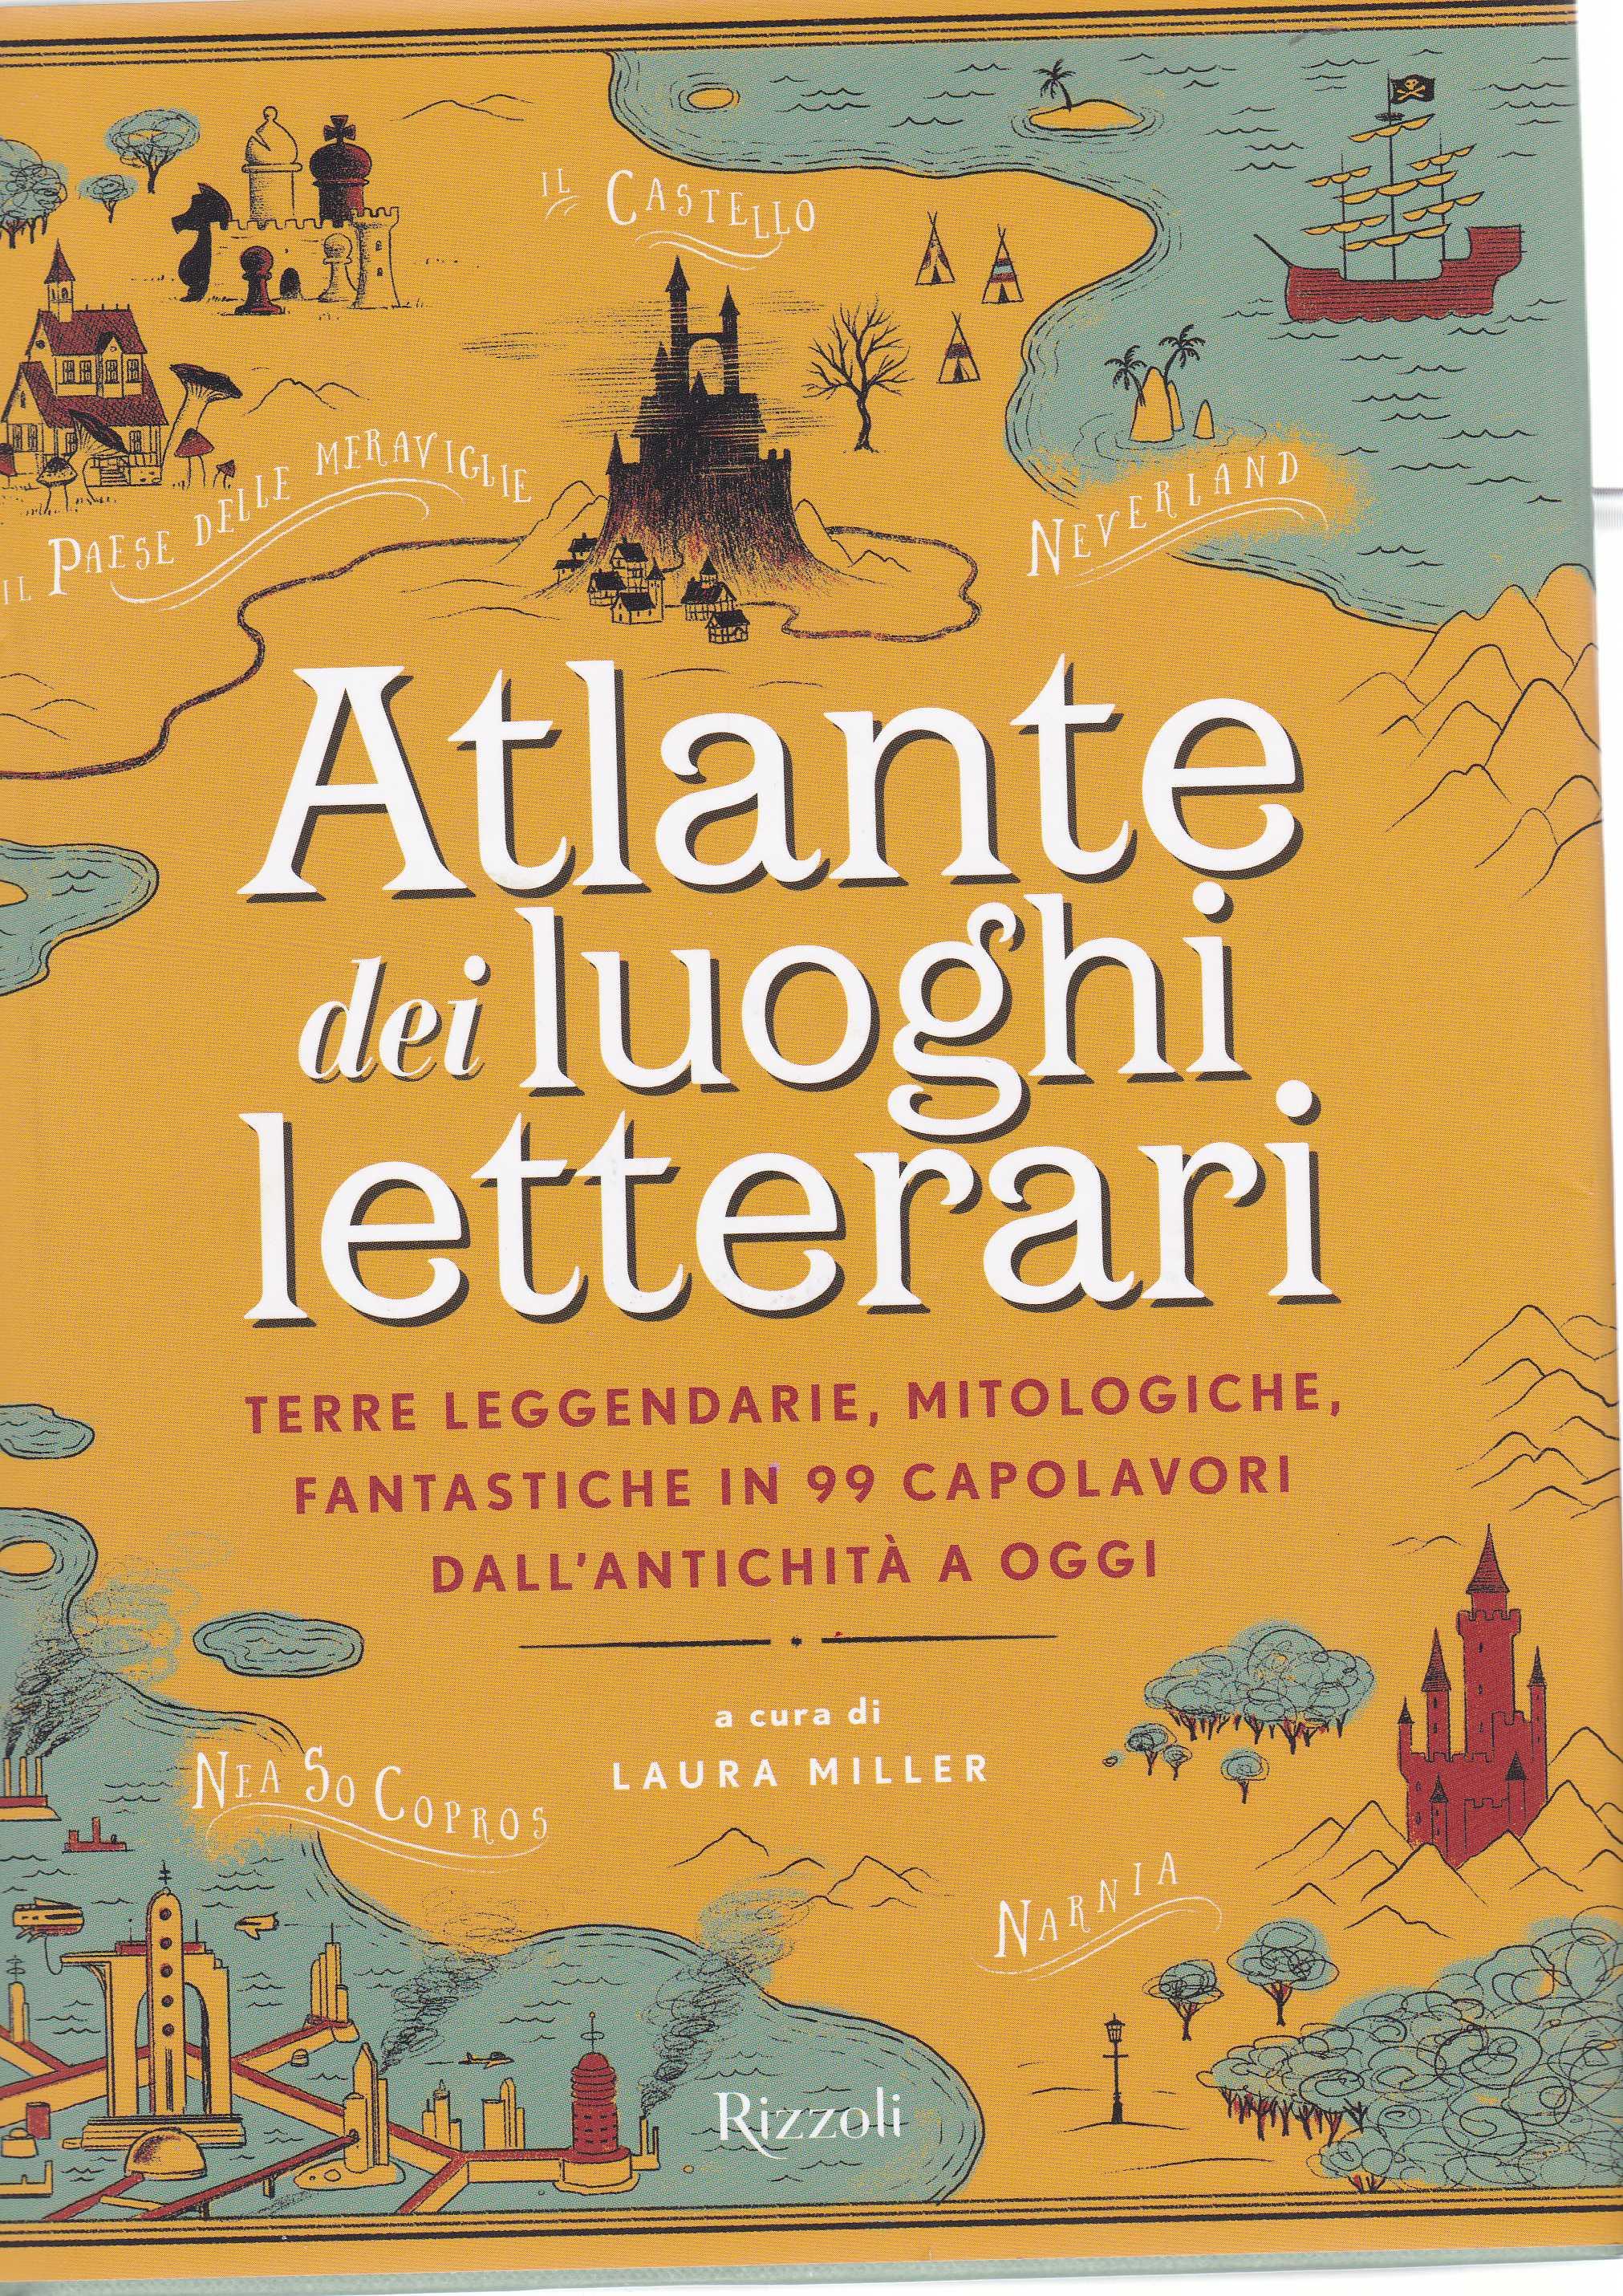 ATLANTE LUOGHI LETTERARI2744